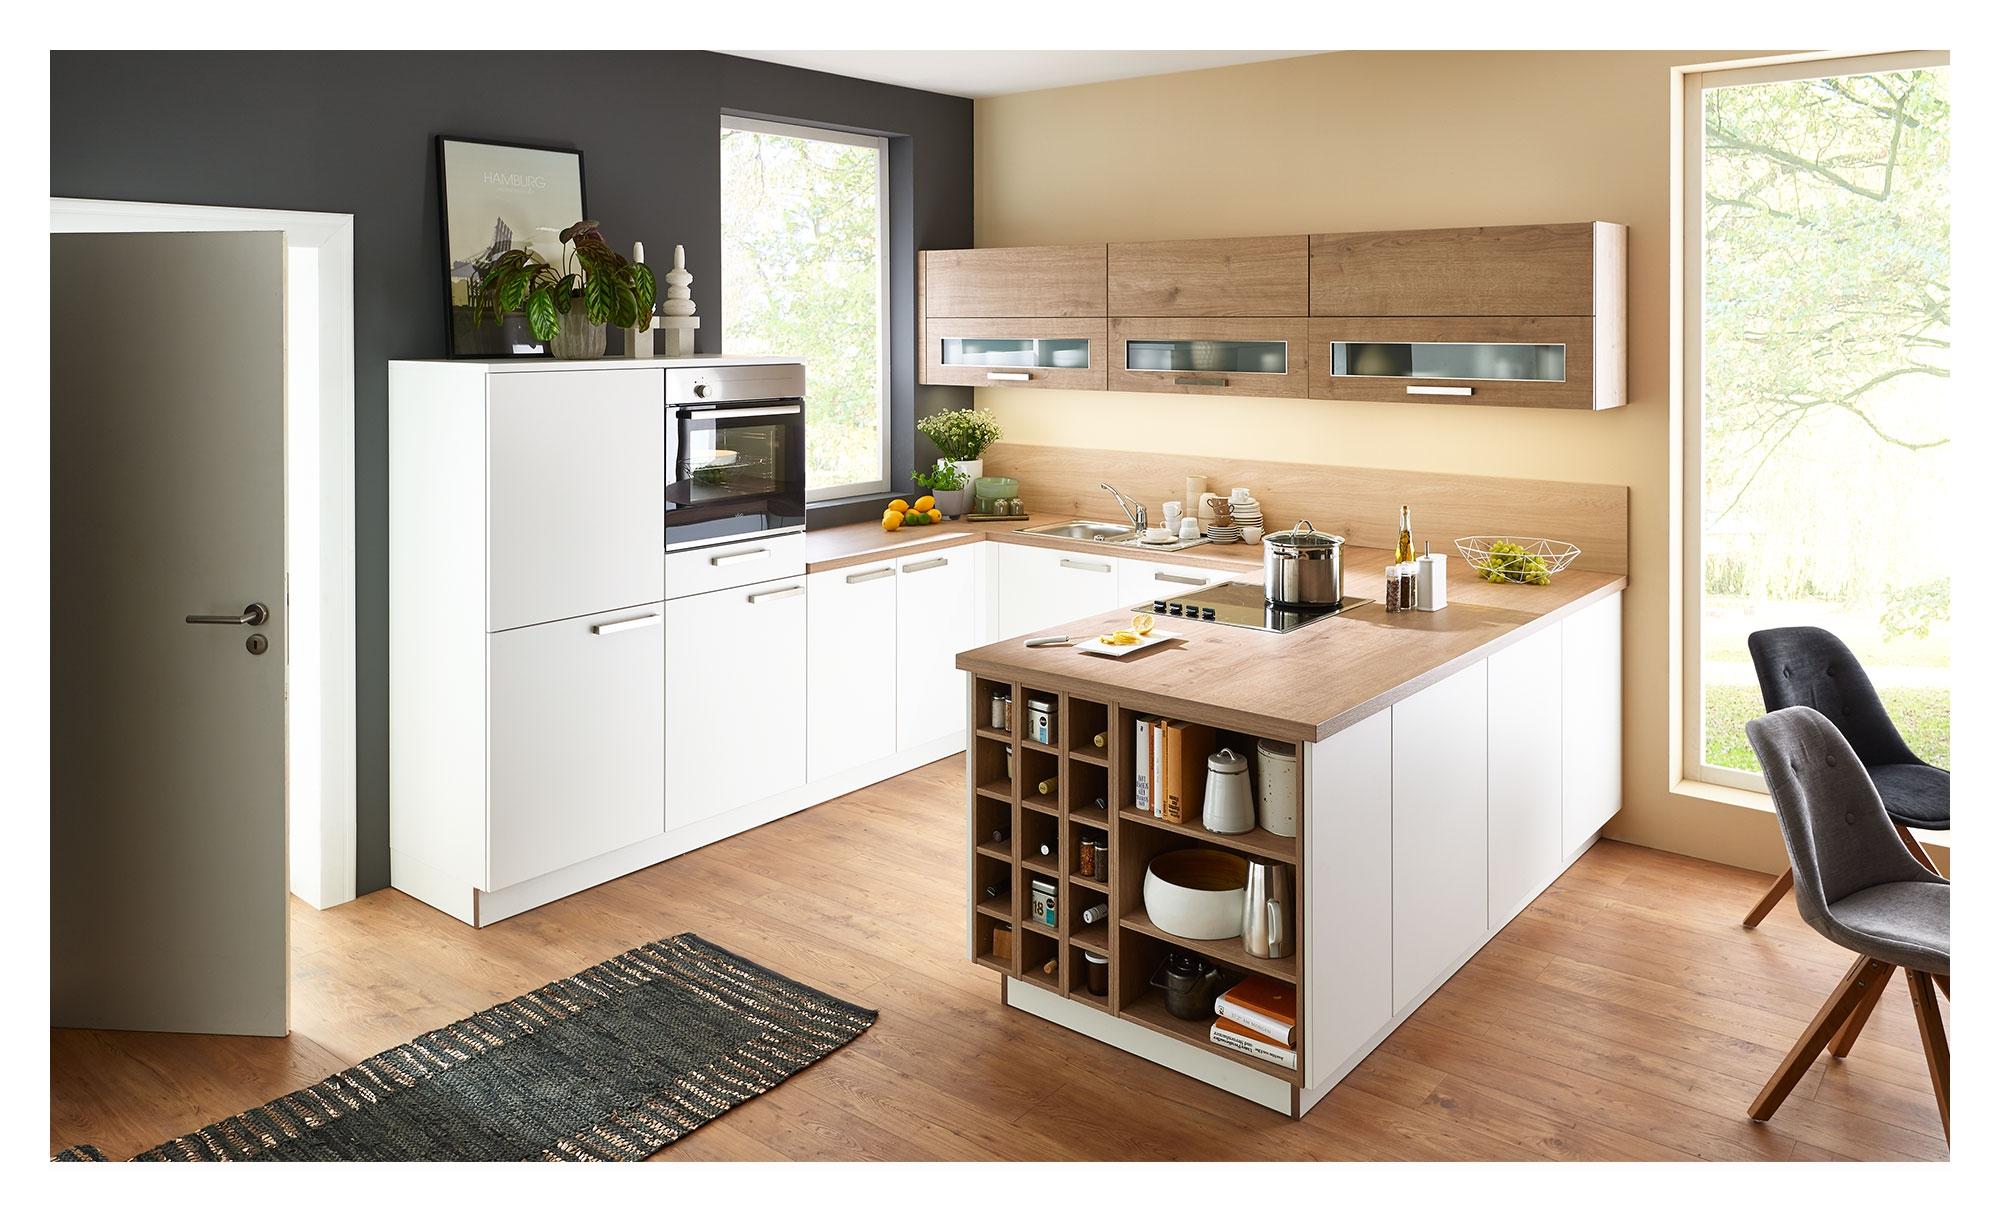 Nolte Inselküche Manhattan uni – bei Möbel Heinrich kaufen!